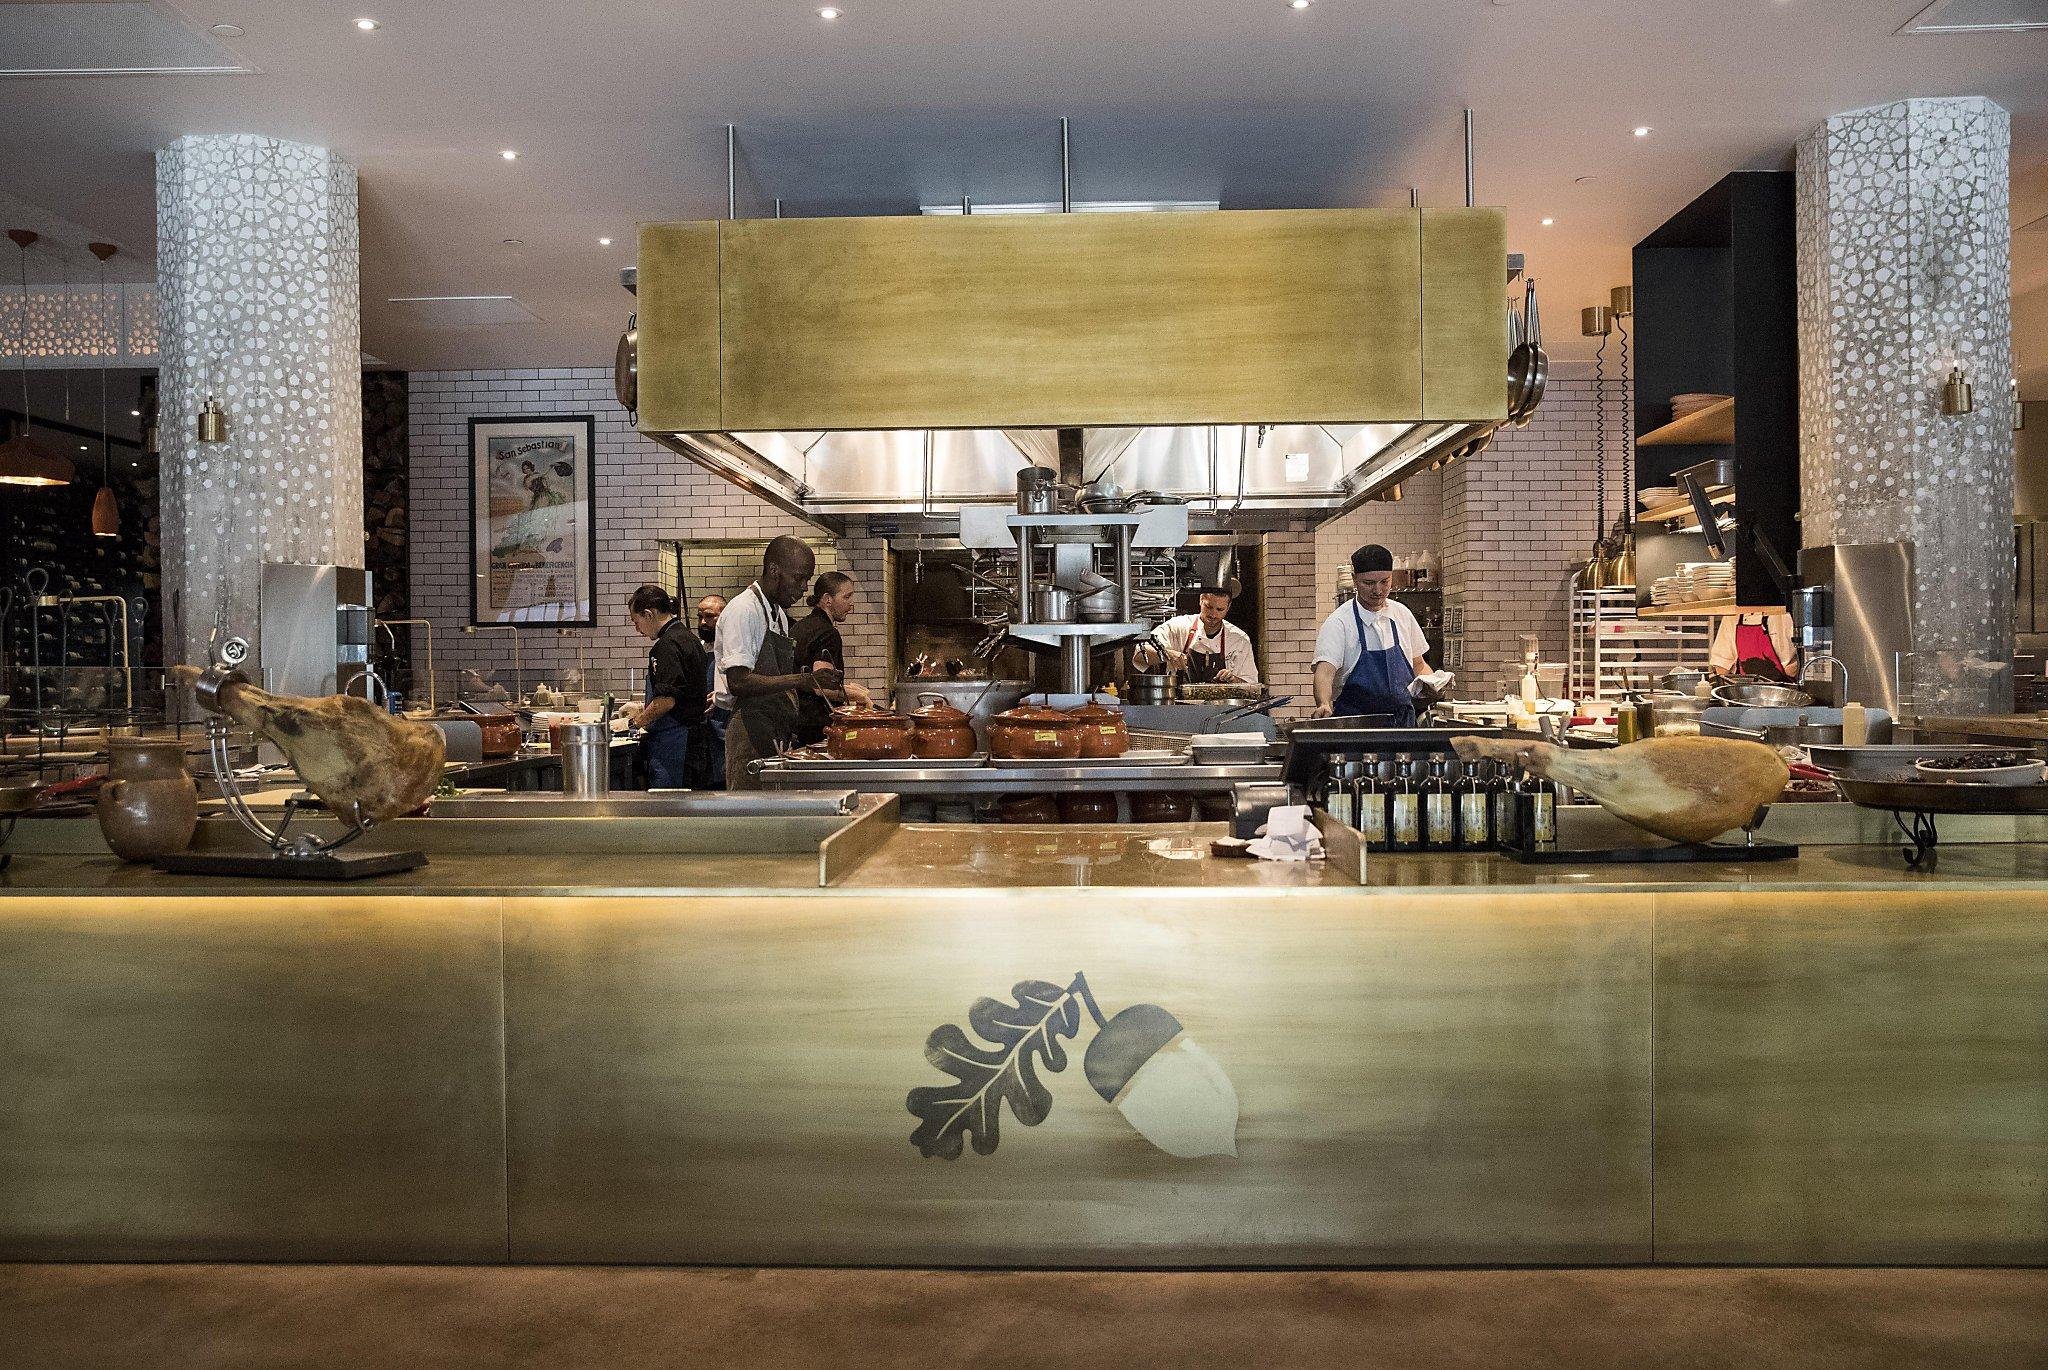 Uncategorized Spanish Restaurant Design bellota restaurants reign of spain in decor design dining san francisco chronicle